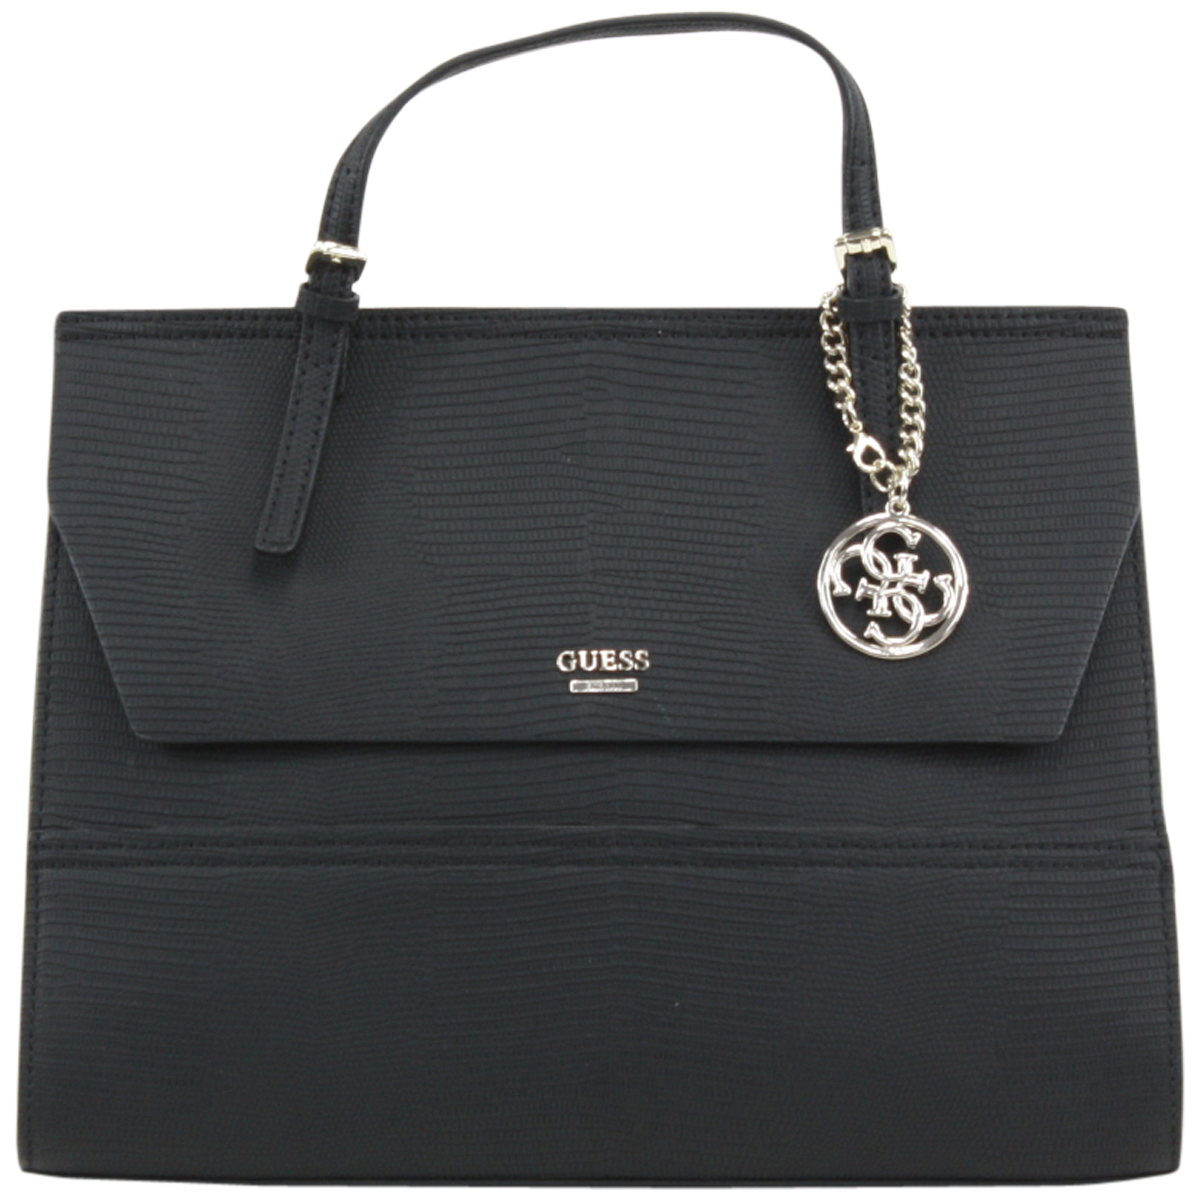 8045fc32e Guess Women's Huntley Flap-Over Top Handle Black Satchel Handbag ...